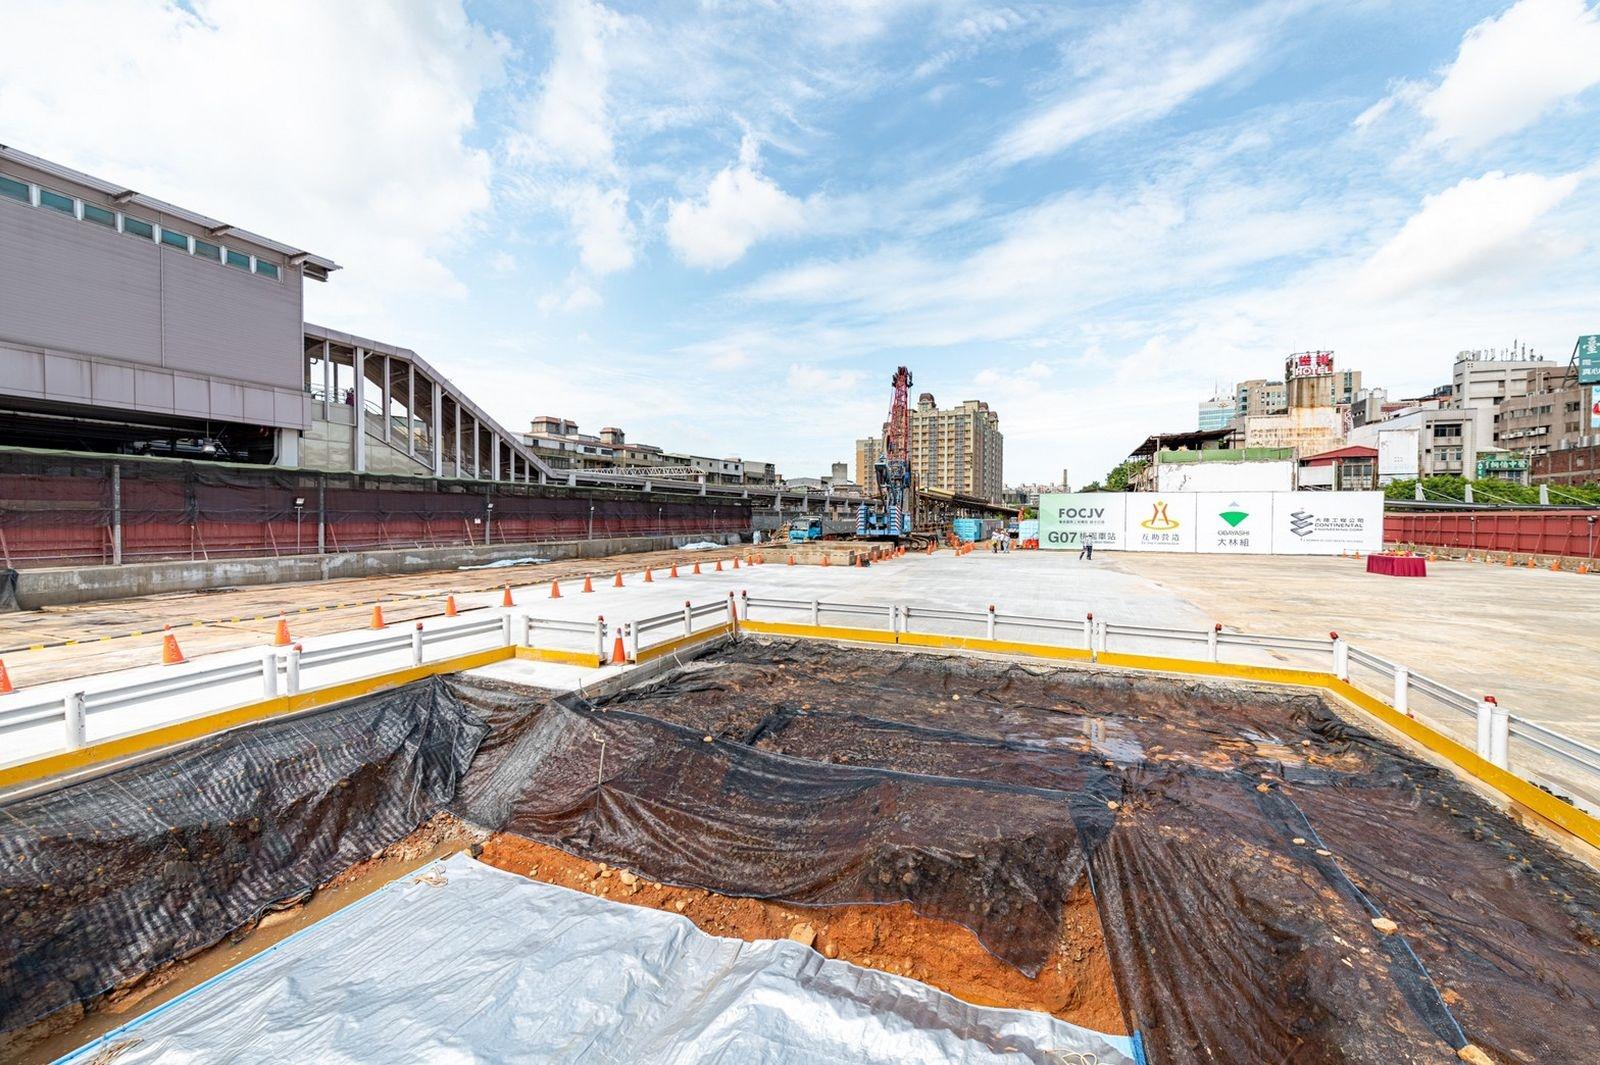 桃園捷運綠線G07(桃園站)5日啟動連續壁工程。圖/桃園市政府提供